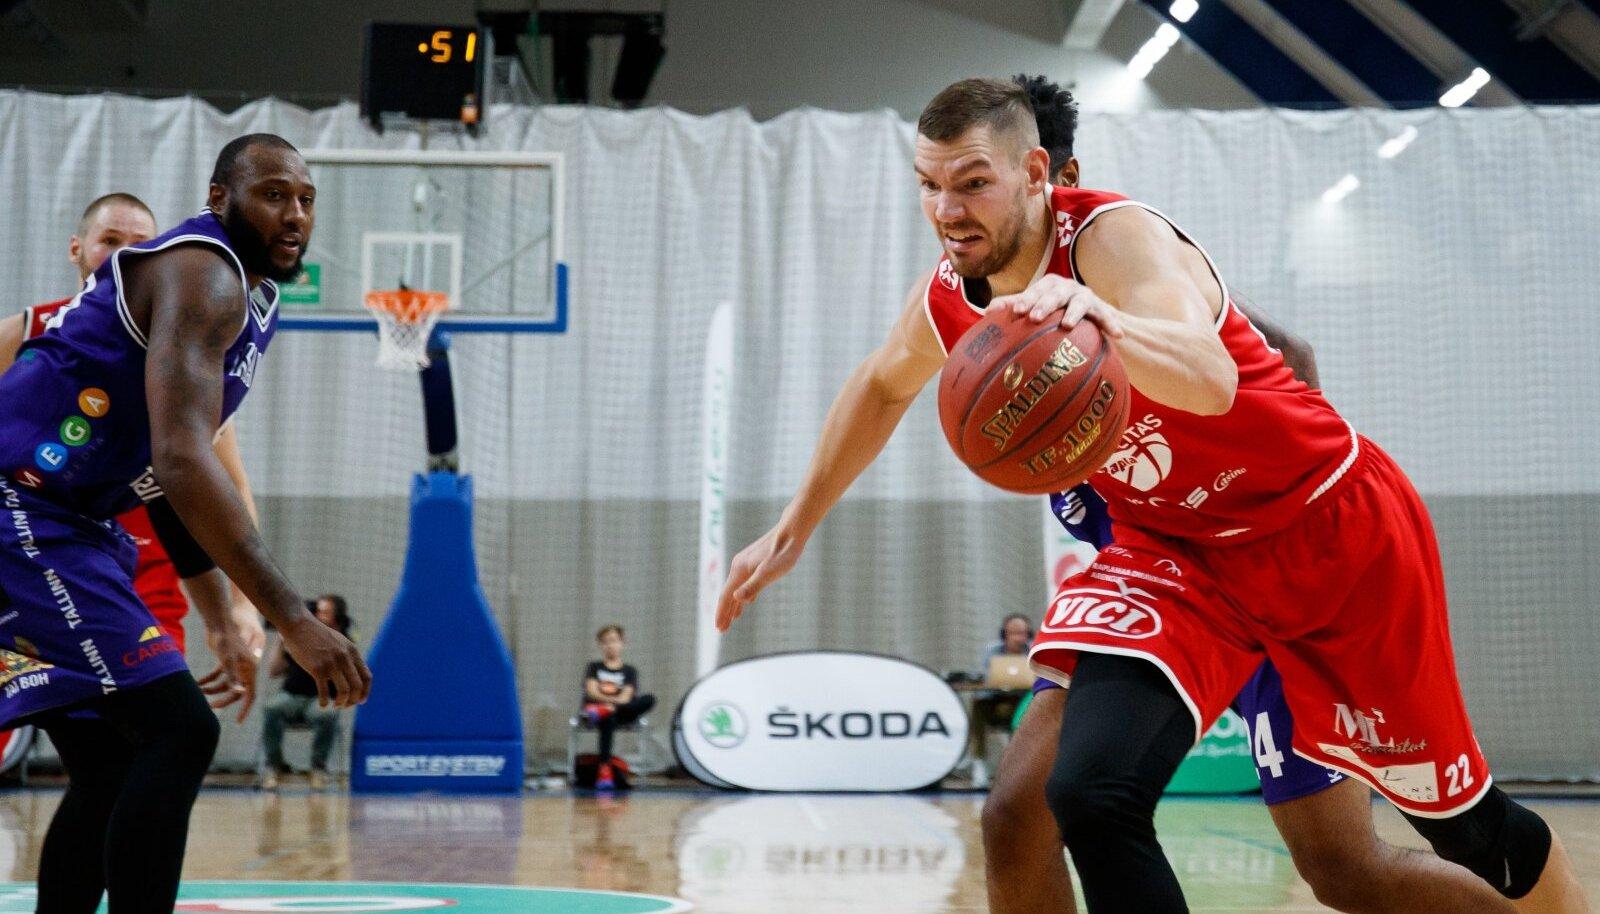 Paf Eesti-Läti korvpalliliiga 2019/20 hooaja kohtumise võitis Rapla Avis Utilitas. Tallinna Kalev/TLÜ kaotas seisuga  84:76